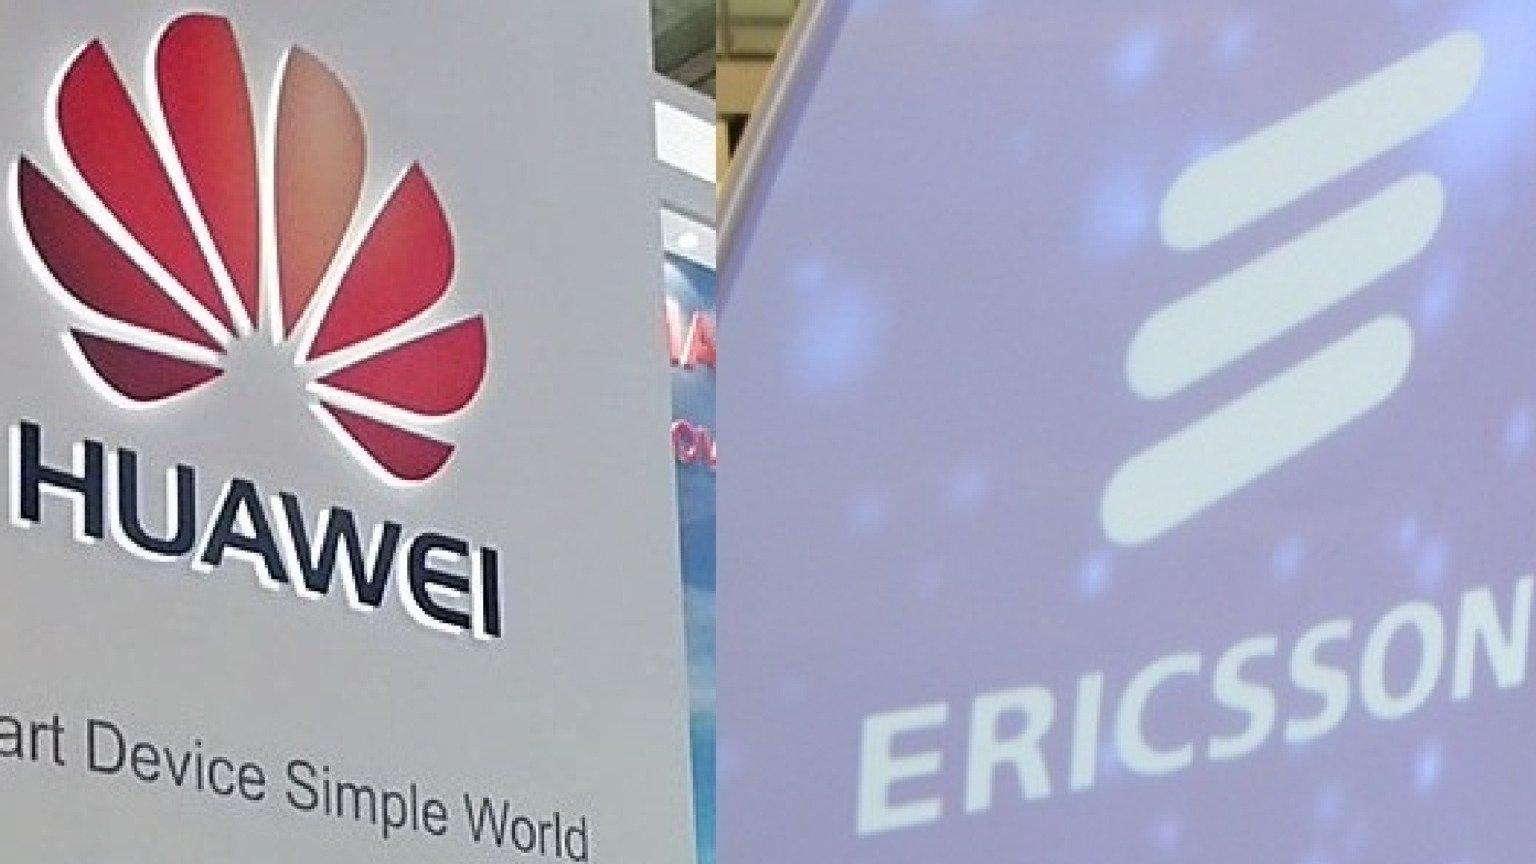 Китай грозится запретить Ericsson в отместку за Huawei